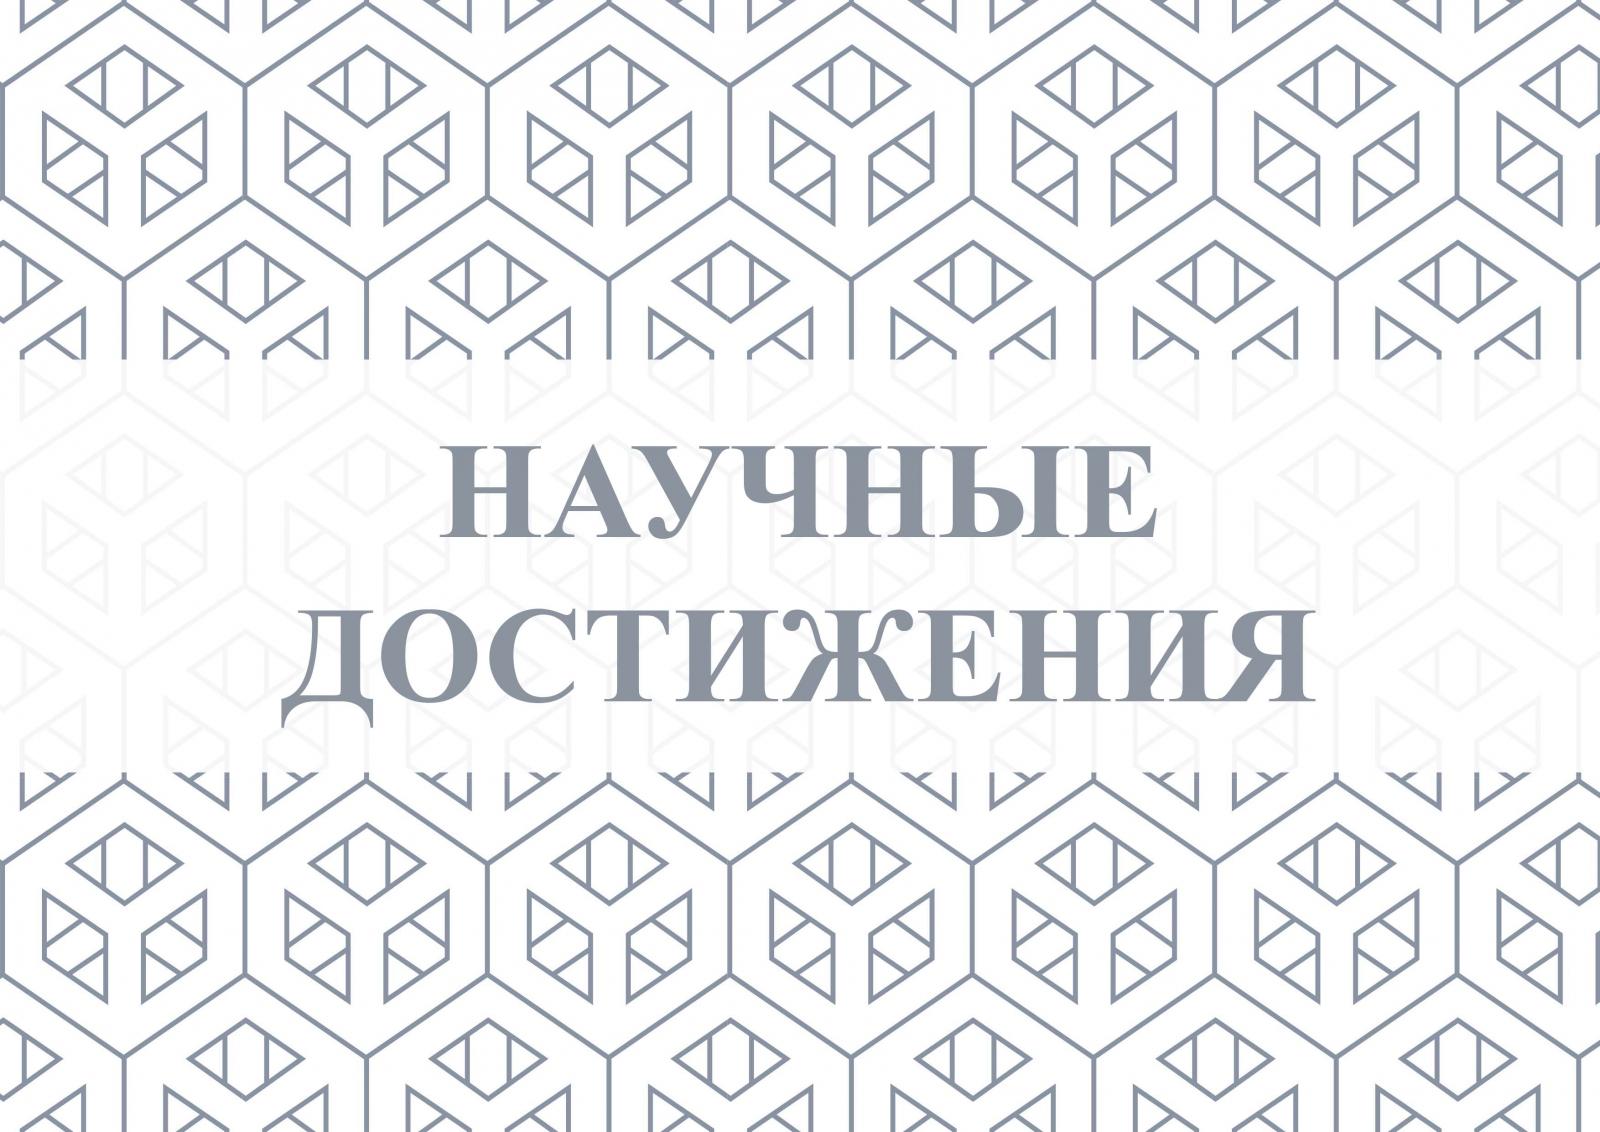 Институт металлургии машиностроения и транспорта Санкт  Приказ Министерства образования и науки РФ о выдаче диплома кандидата технических наук выпускникам ИММиТ